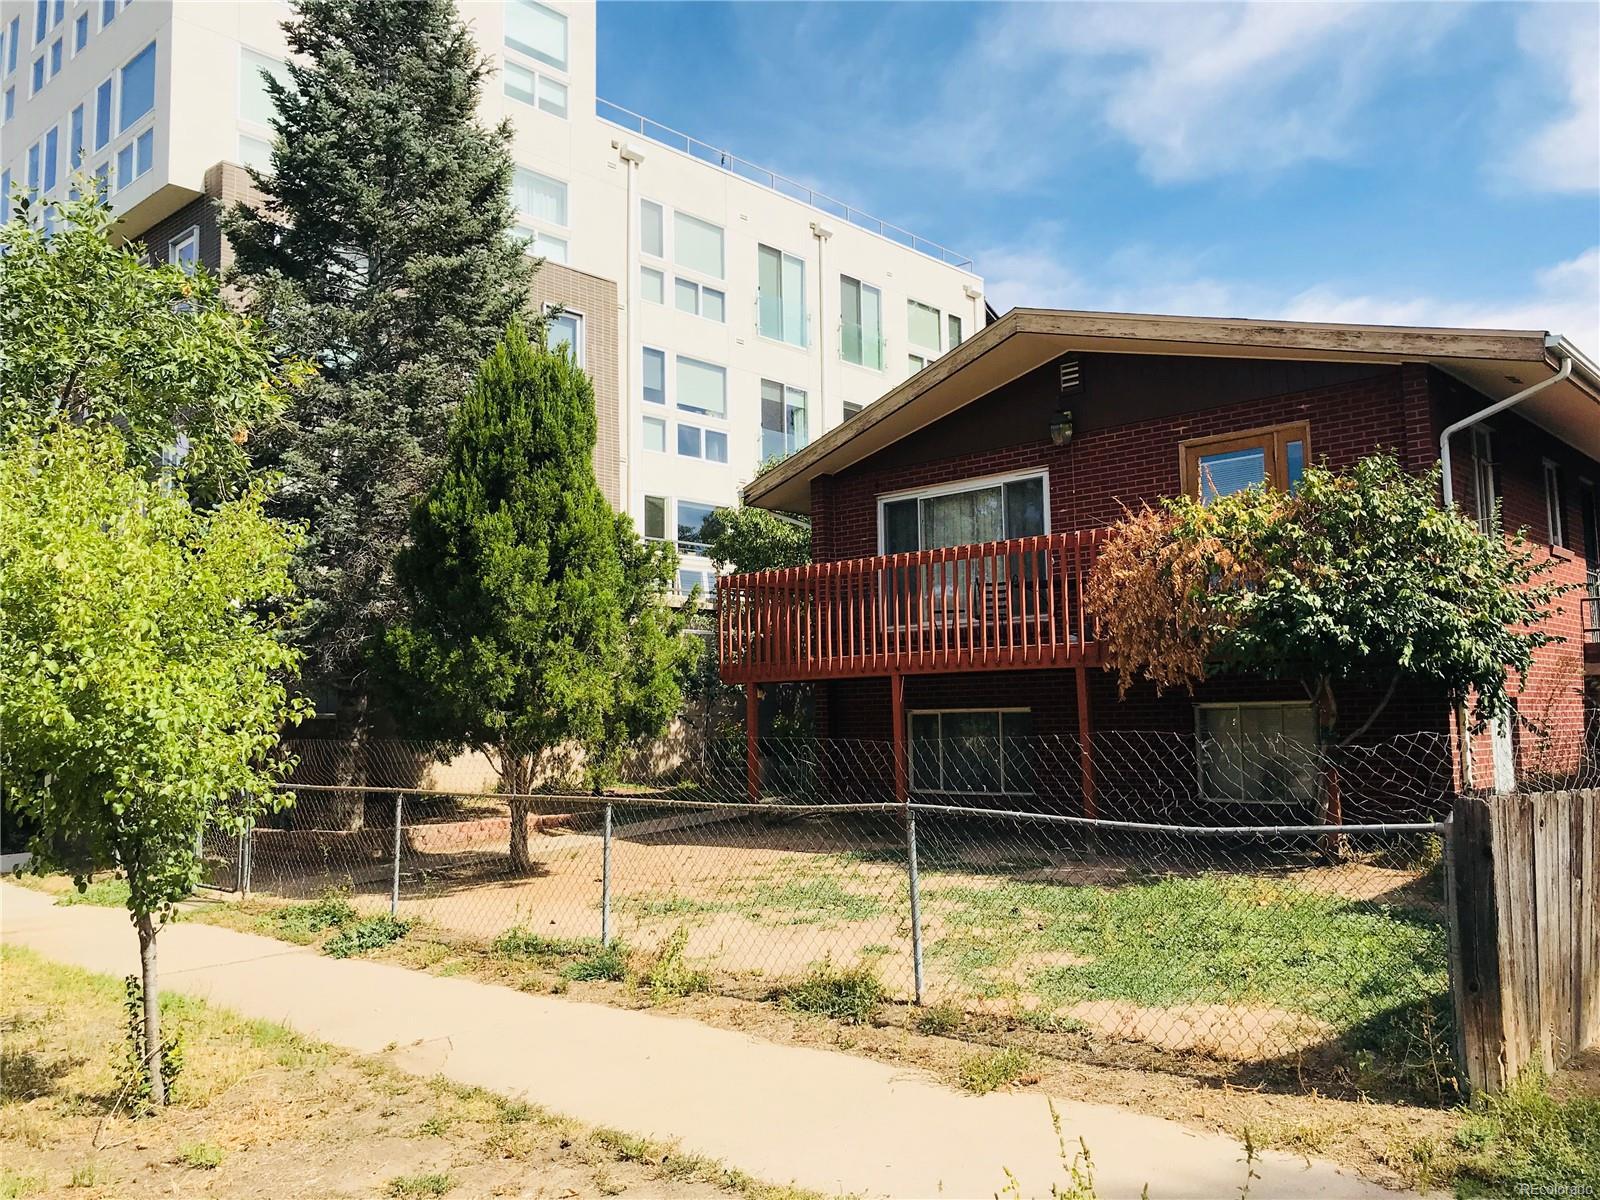 318 S Lafayette Street, Denver, CO 80209 - Denver, CO real estate listing